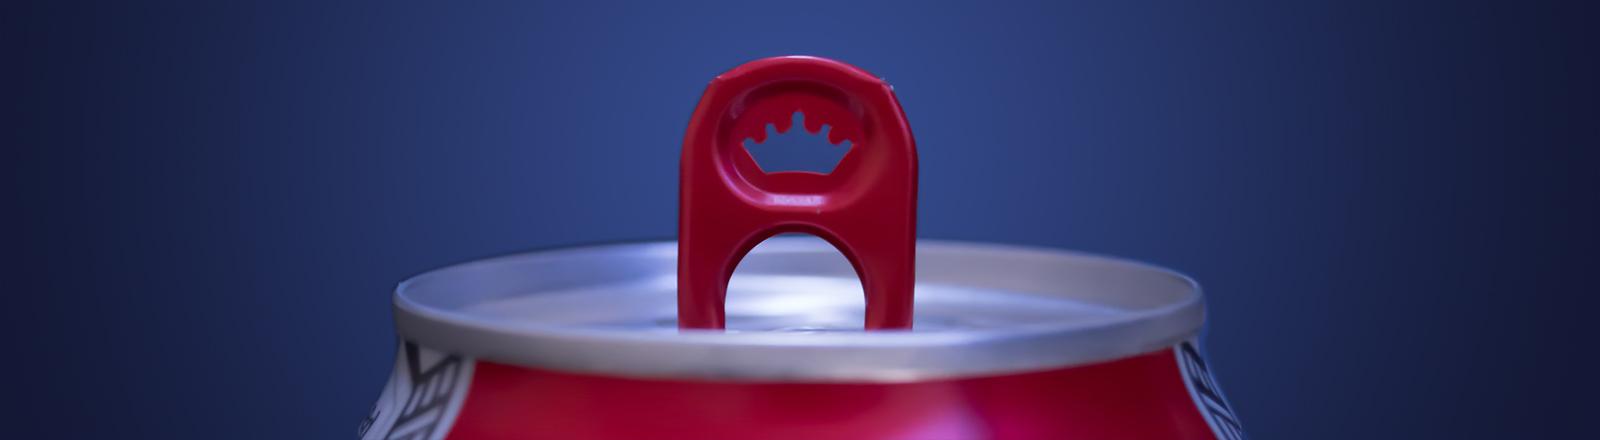 Der obere Teil einer roten Getränkedose aus Metall, die geöffnet ist. Der Hintergrund ist blau.